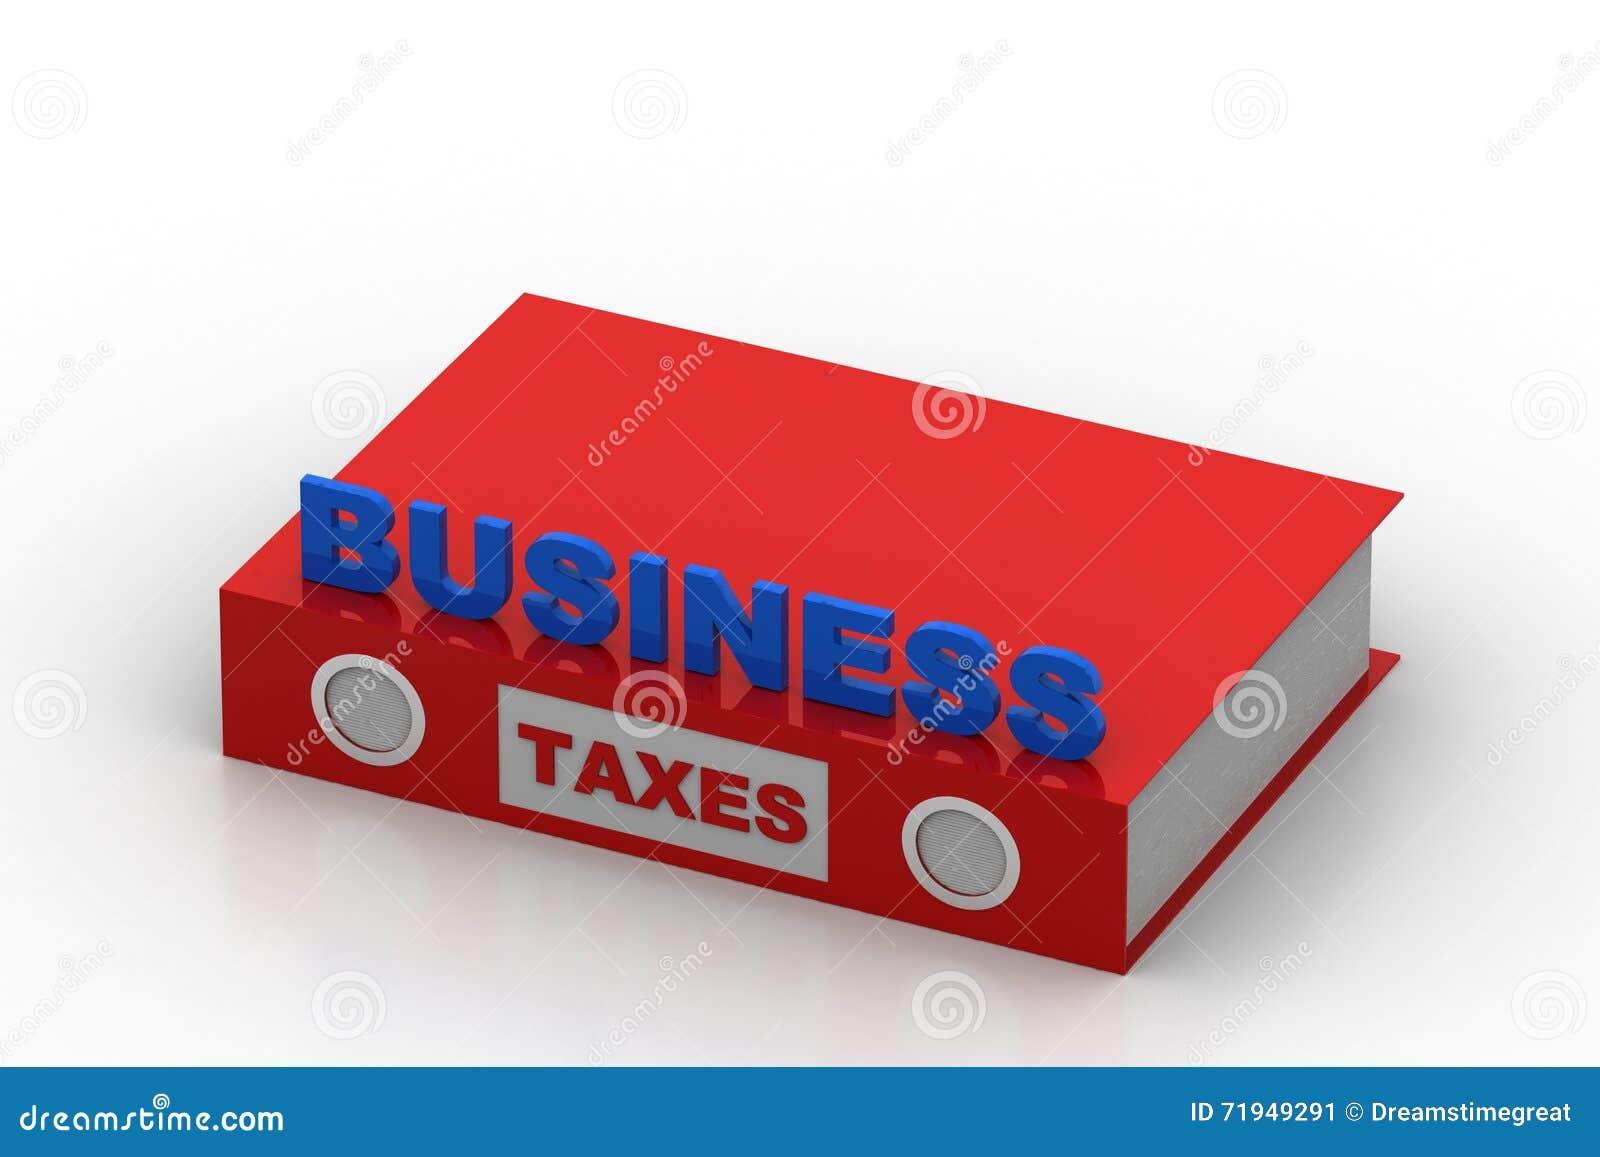 Концепция налога на предпринимательскую деятельность